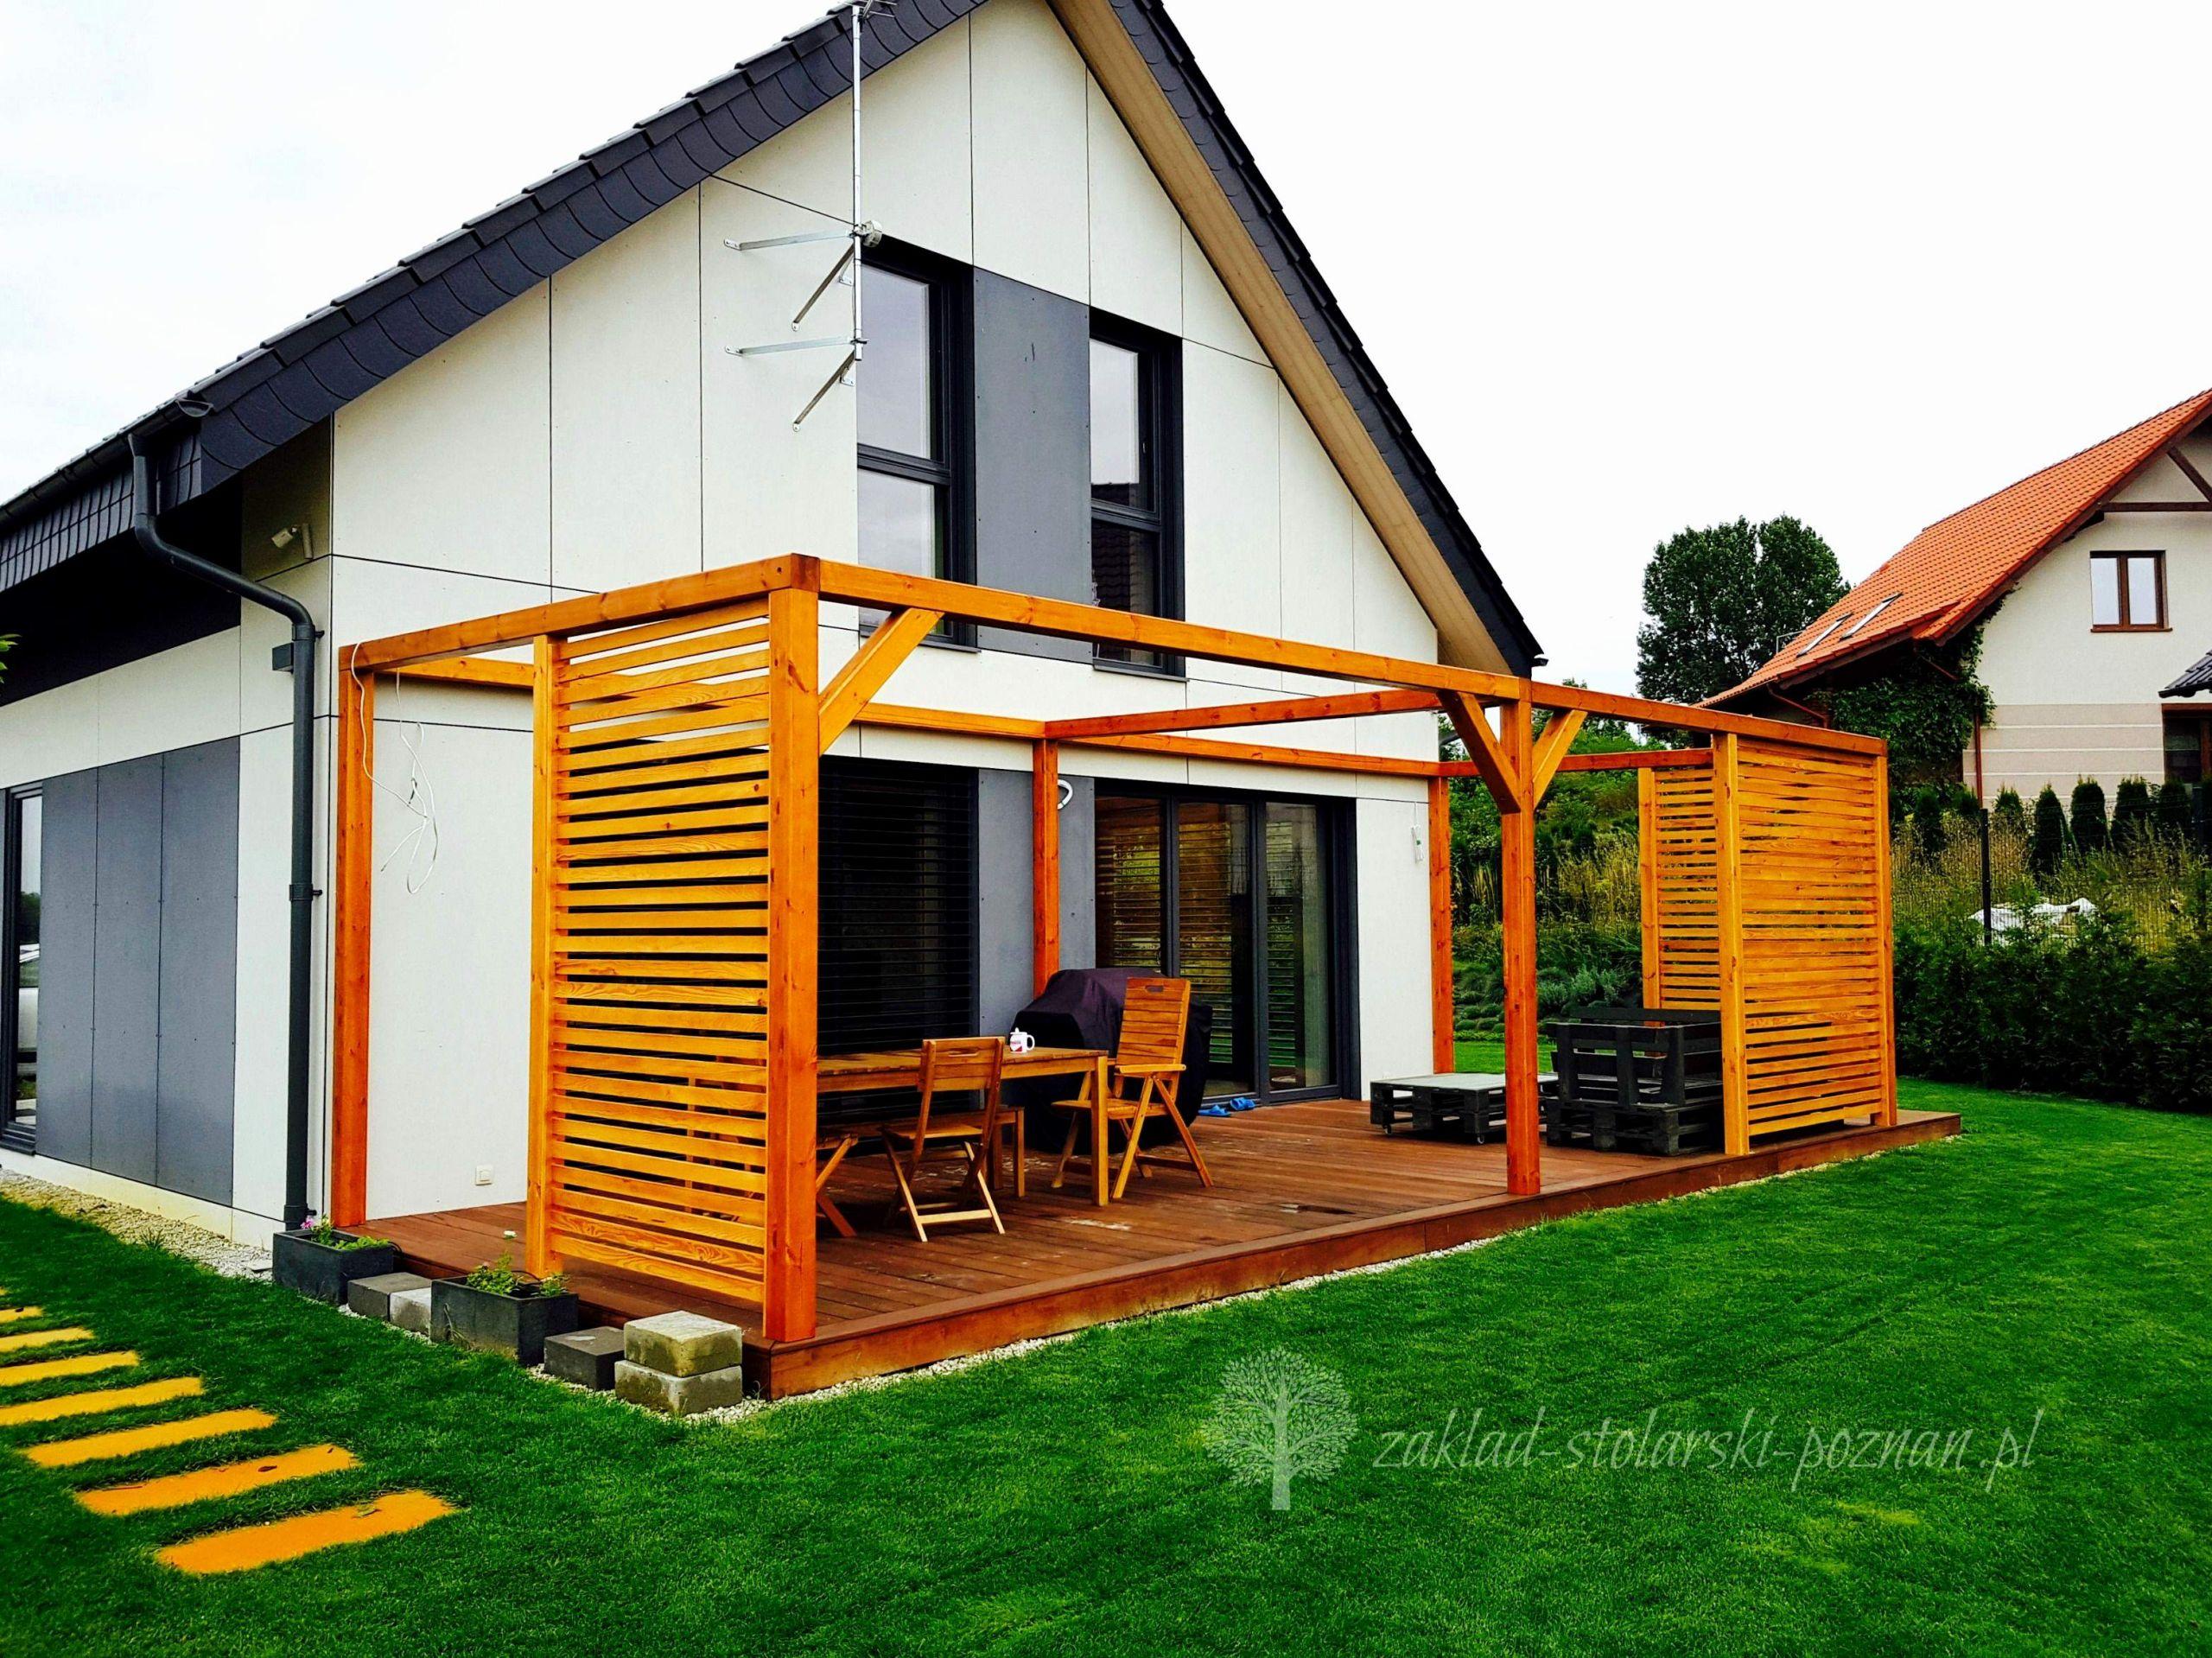 terrasse anlegen ideen luxus terrasse gestalten modern ideen garten ideas garten anlegen of terrasse anlegen ideen